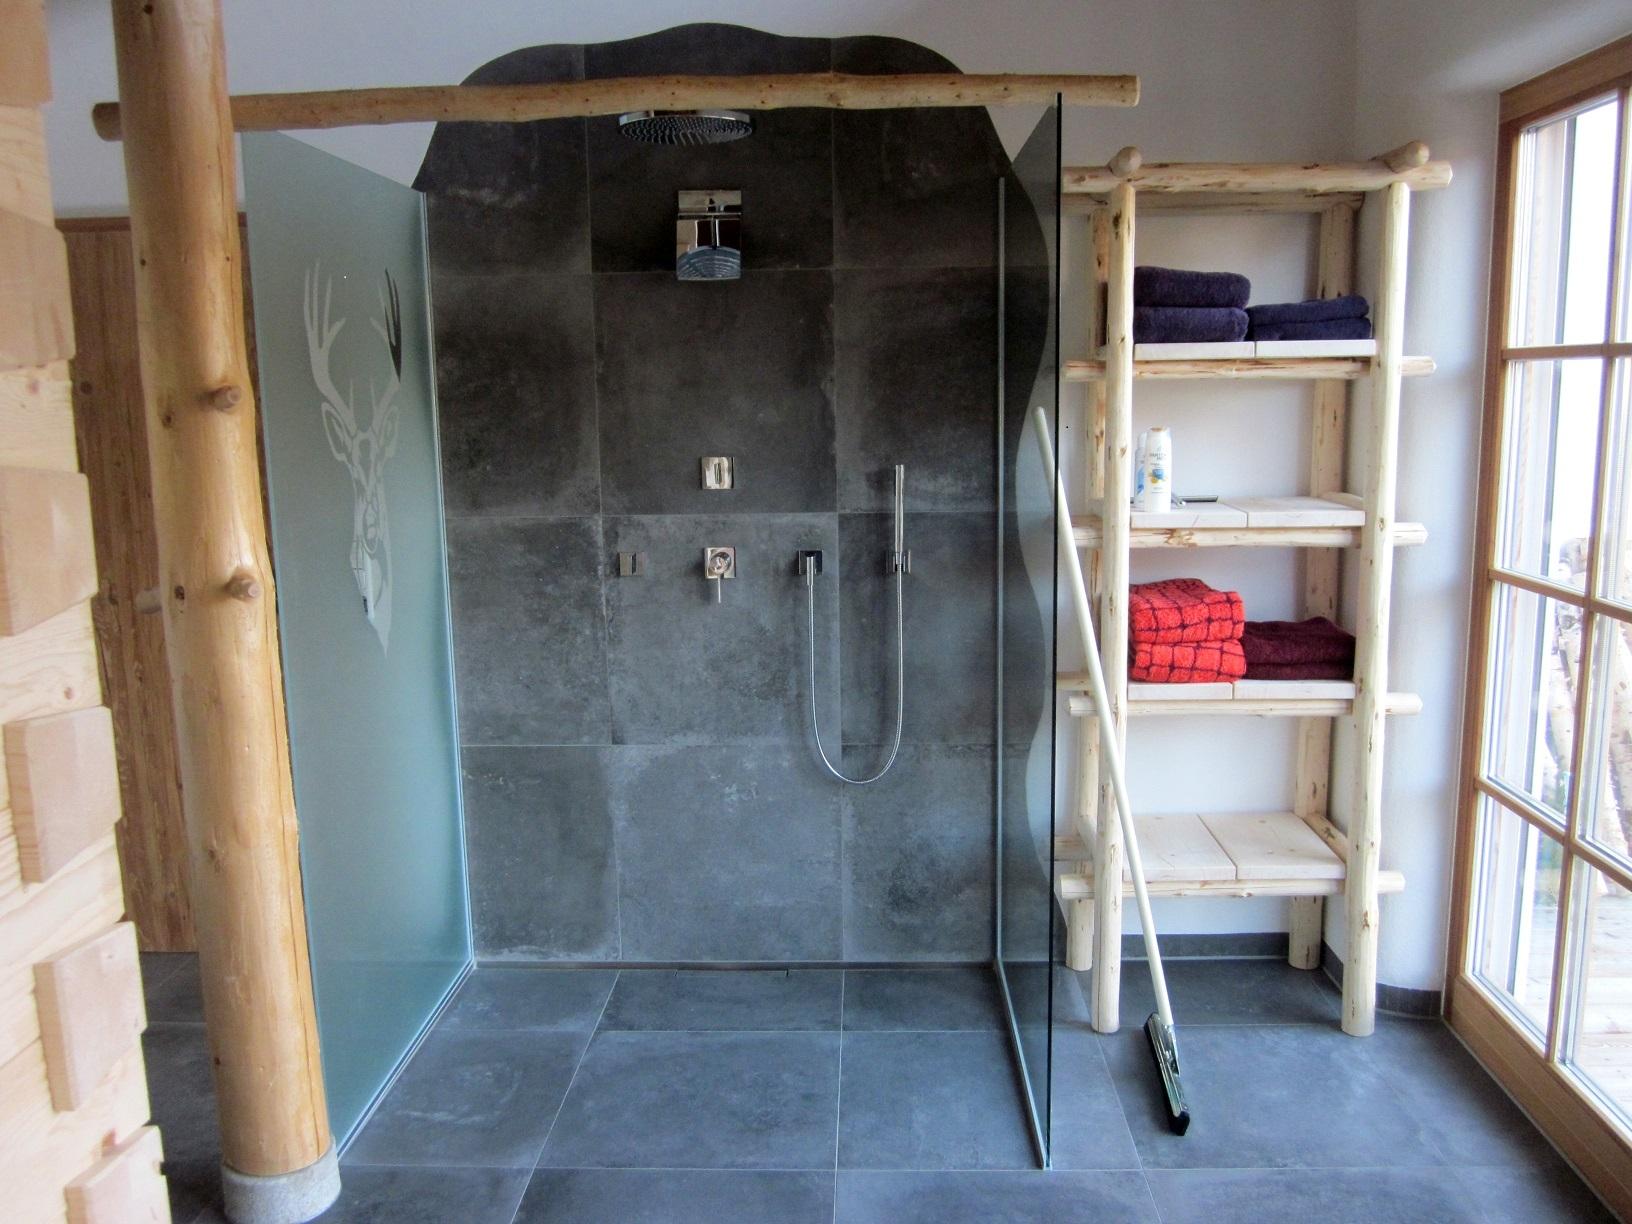 Fliesen Neumarkt fliesen hackner dusche bad designbäder sanierungen